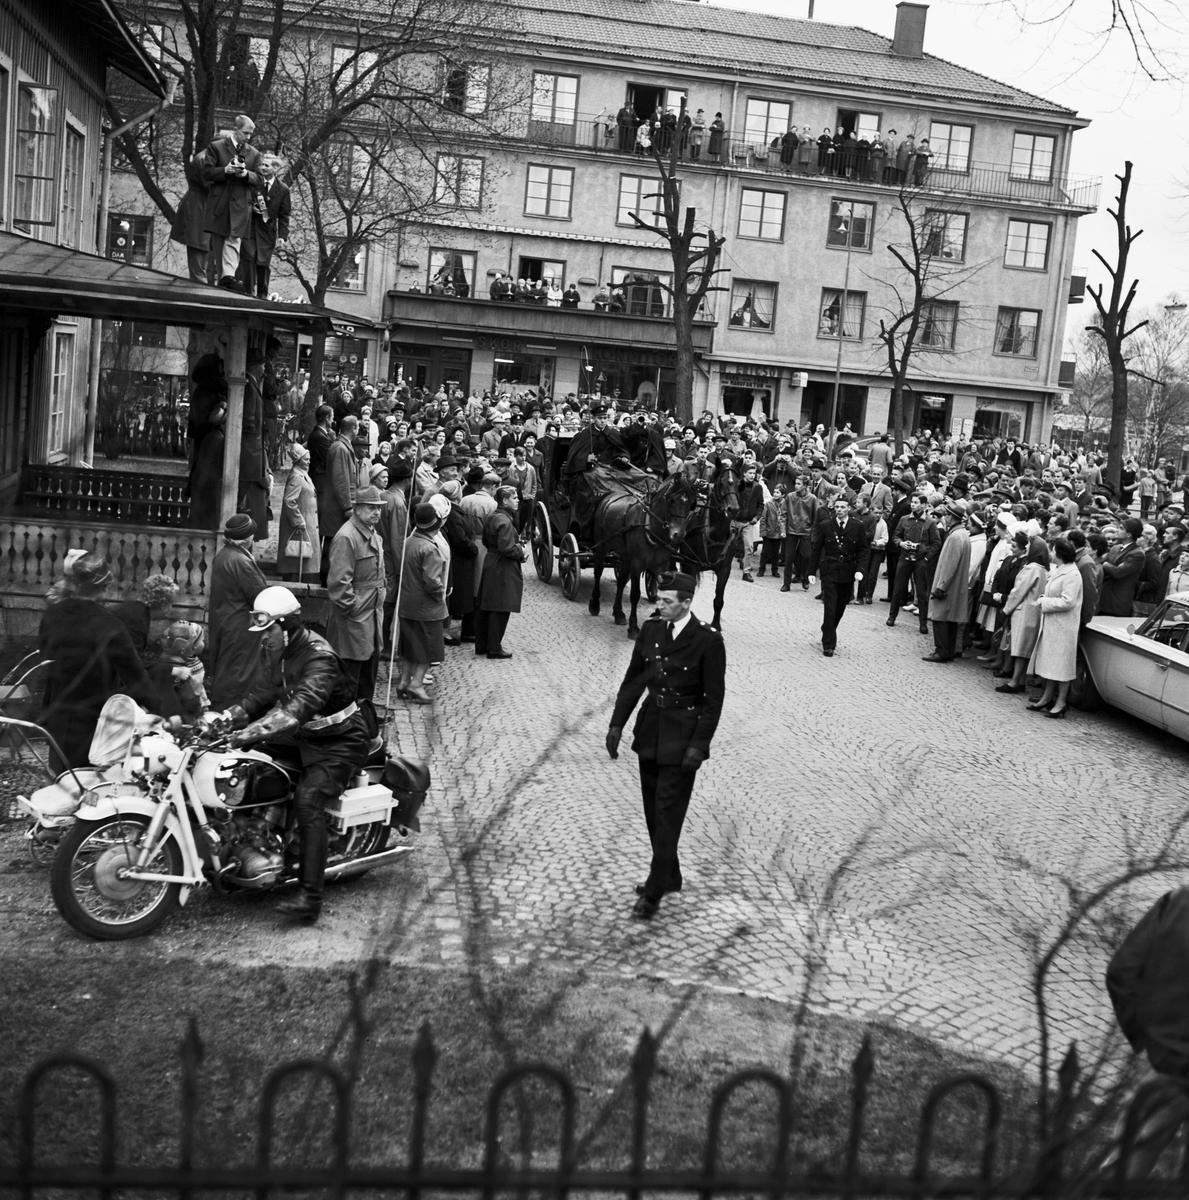 Historiska tågets resa från Stockholm till Göteborg för invigningen av Tåg 62. Hästdroska. Poliser